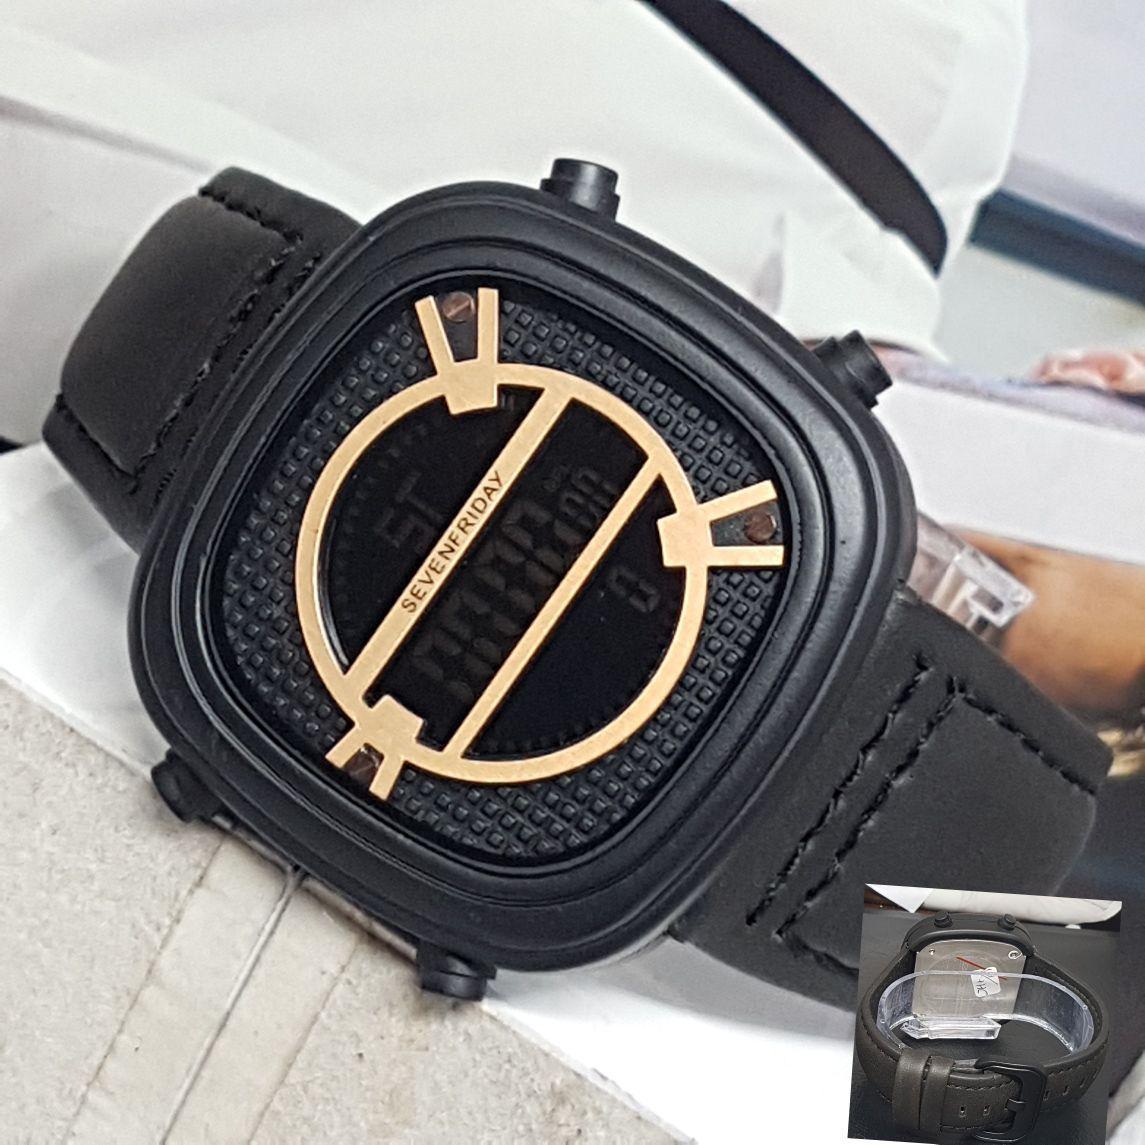 Jam Tangan SevenFriday Digital Terbaru - Pria { 4,7 cm }